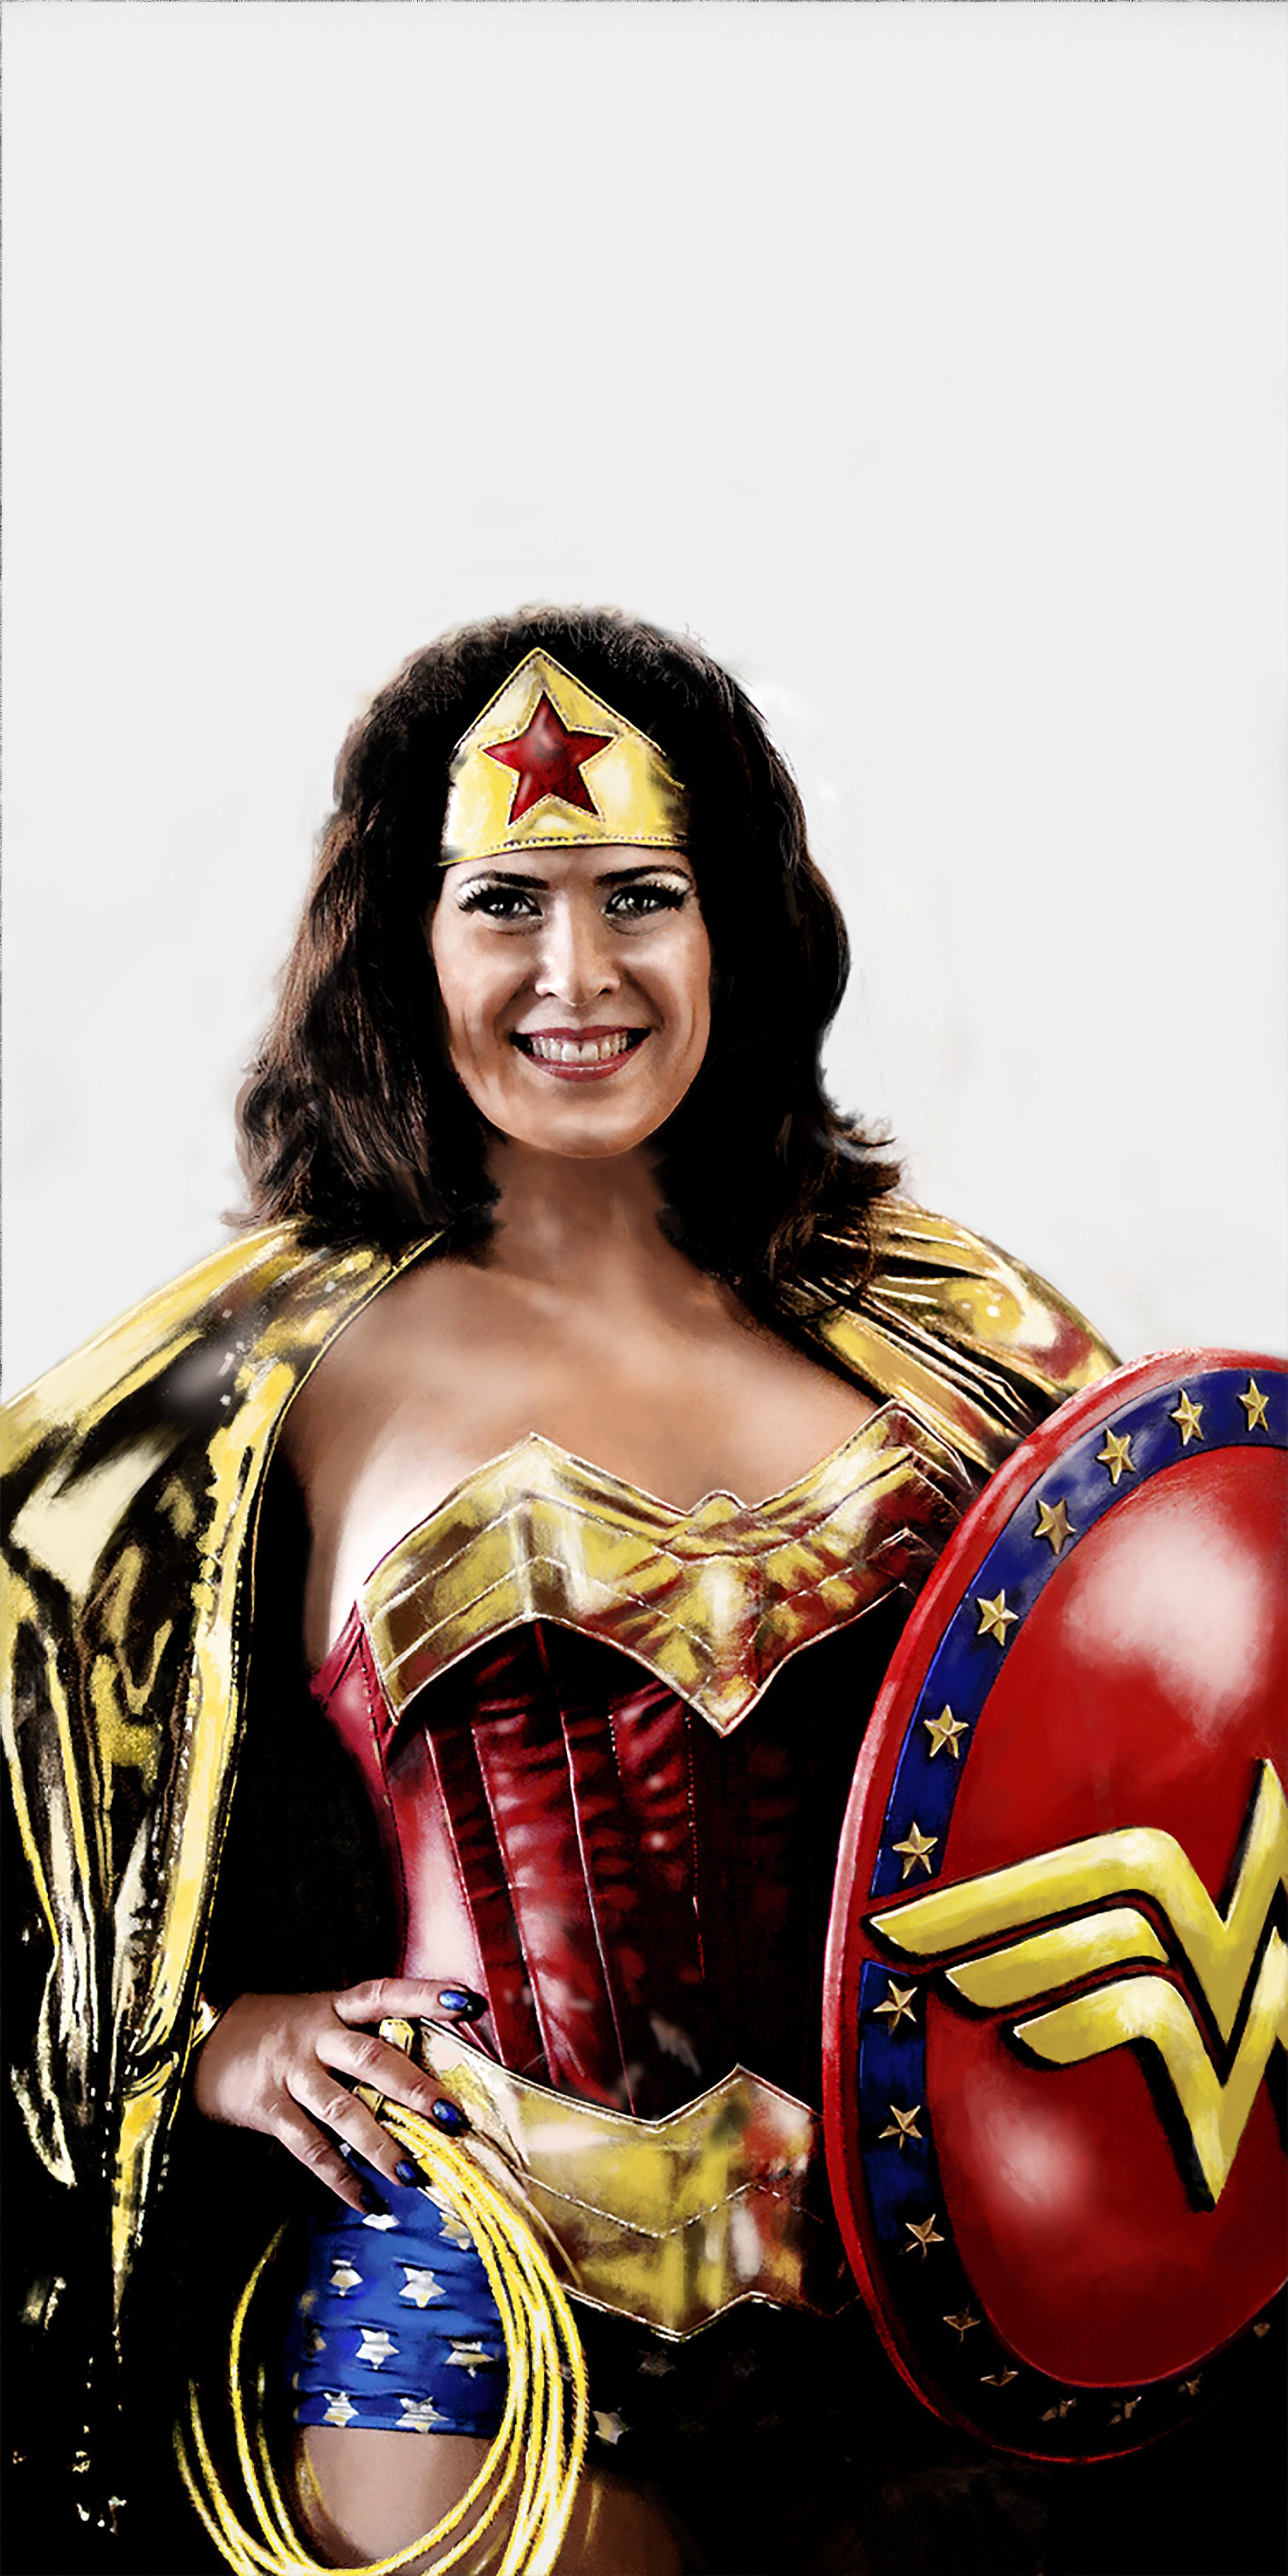 Wonder Woman portrait 2 Digital portrait